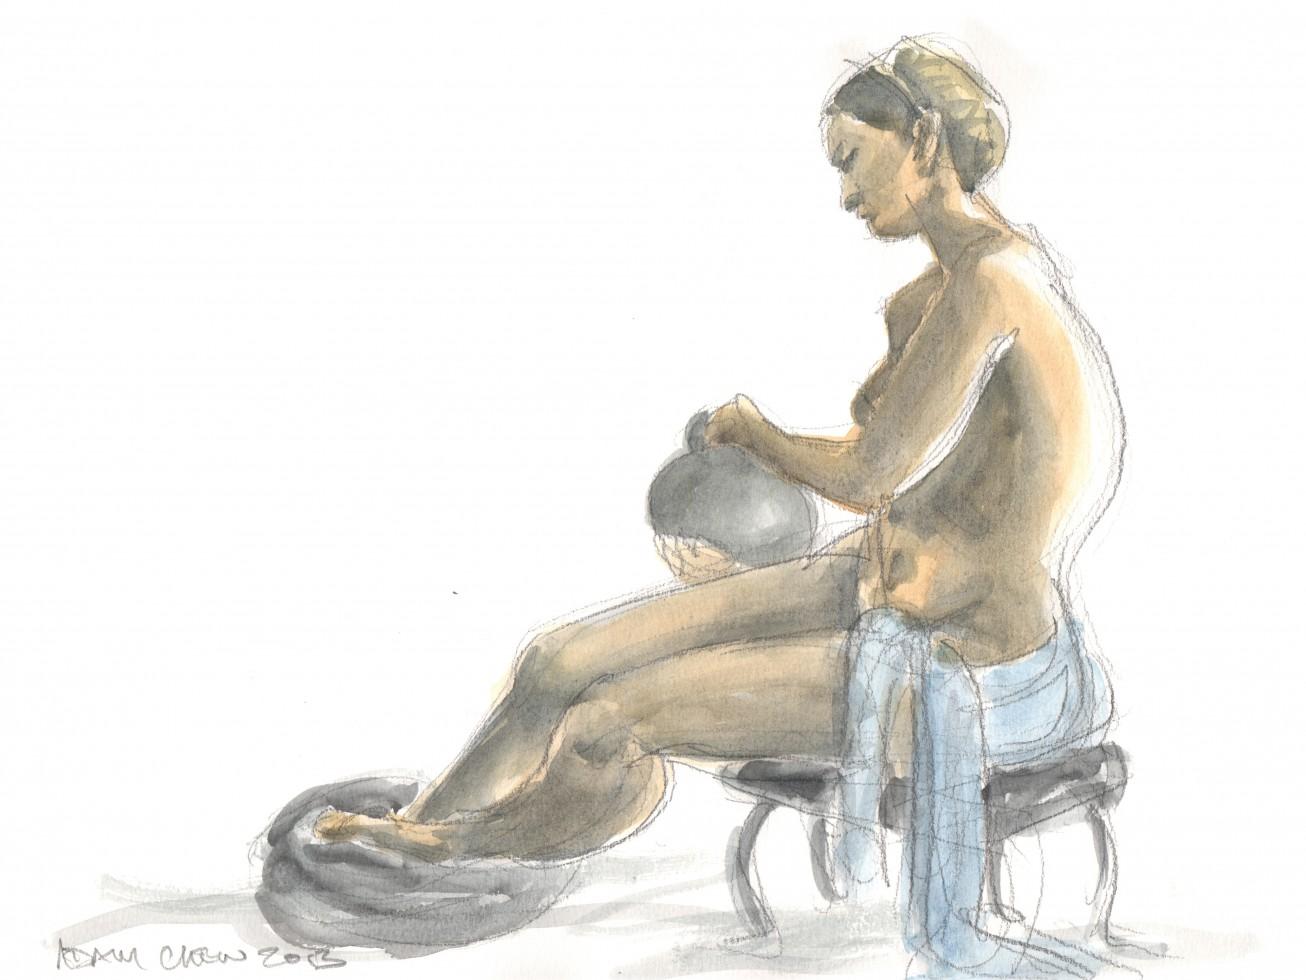 Woman with Vase - Adam Chew, 2013